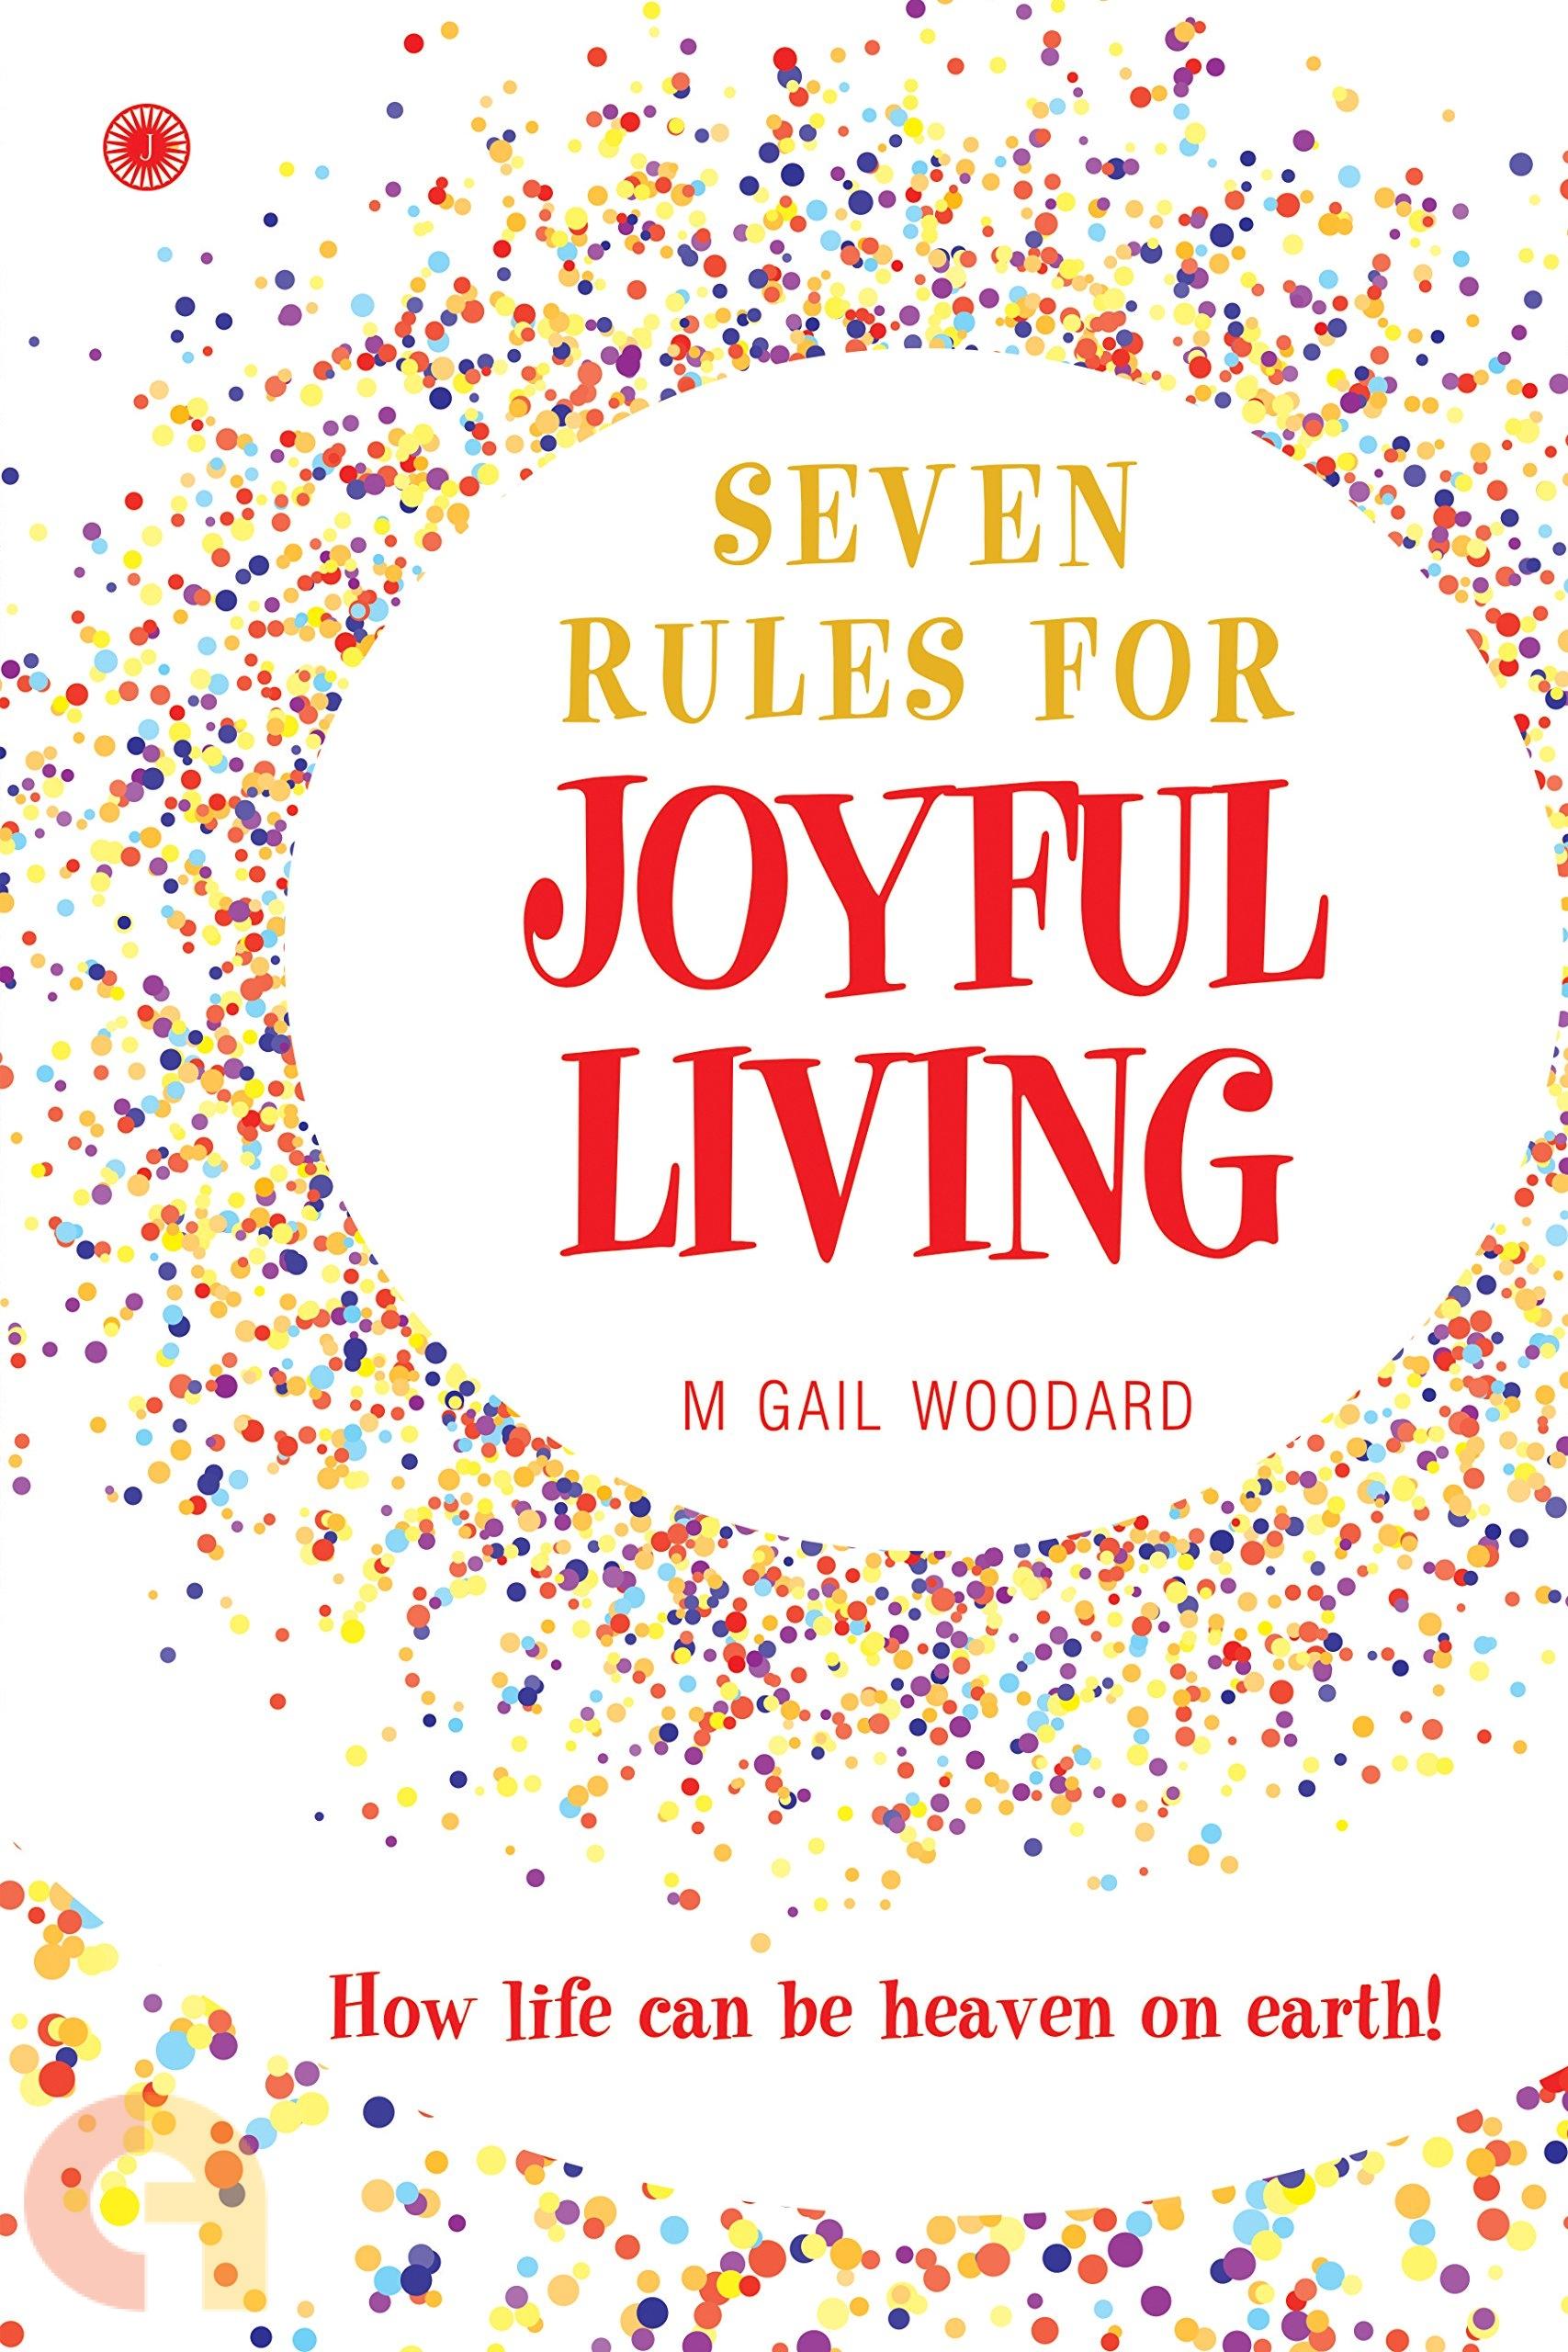 Seven Rules for Joyful Living